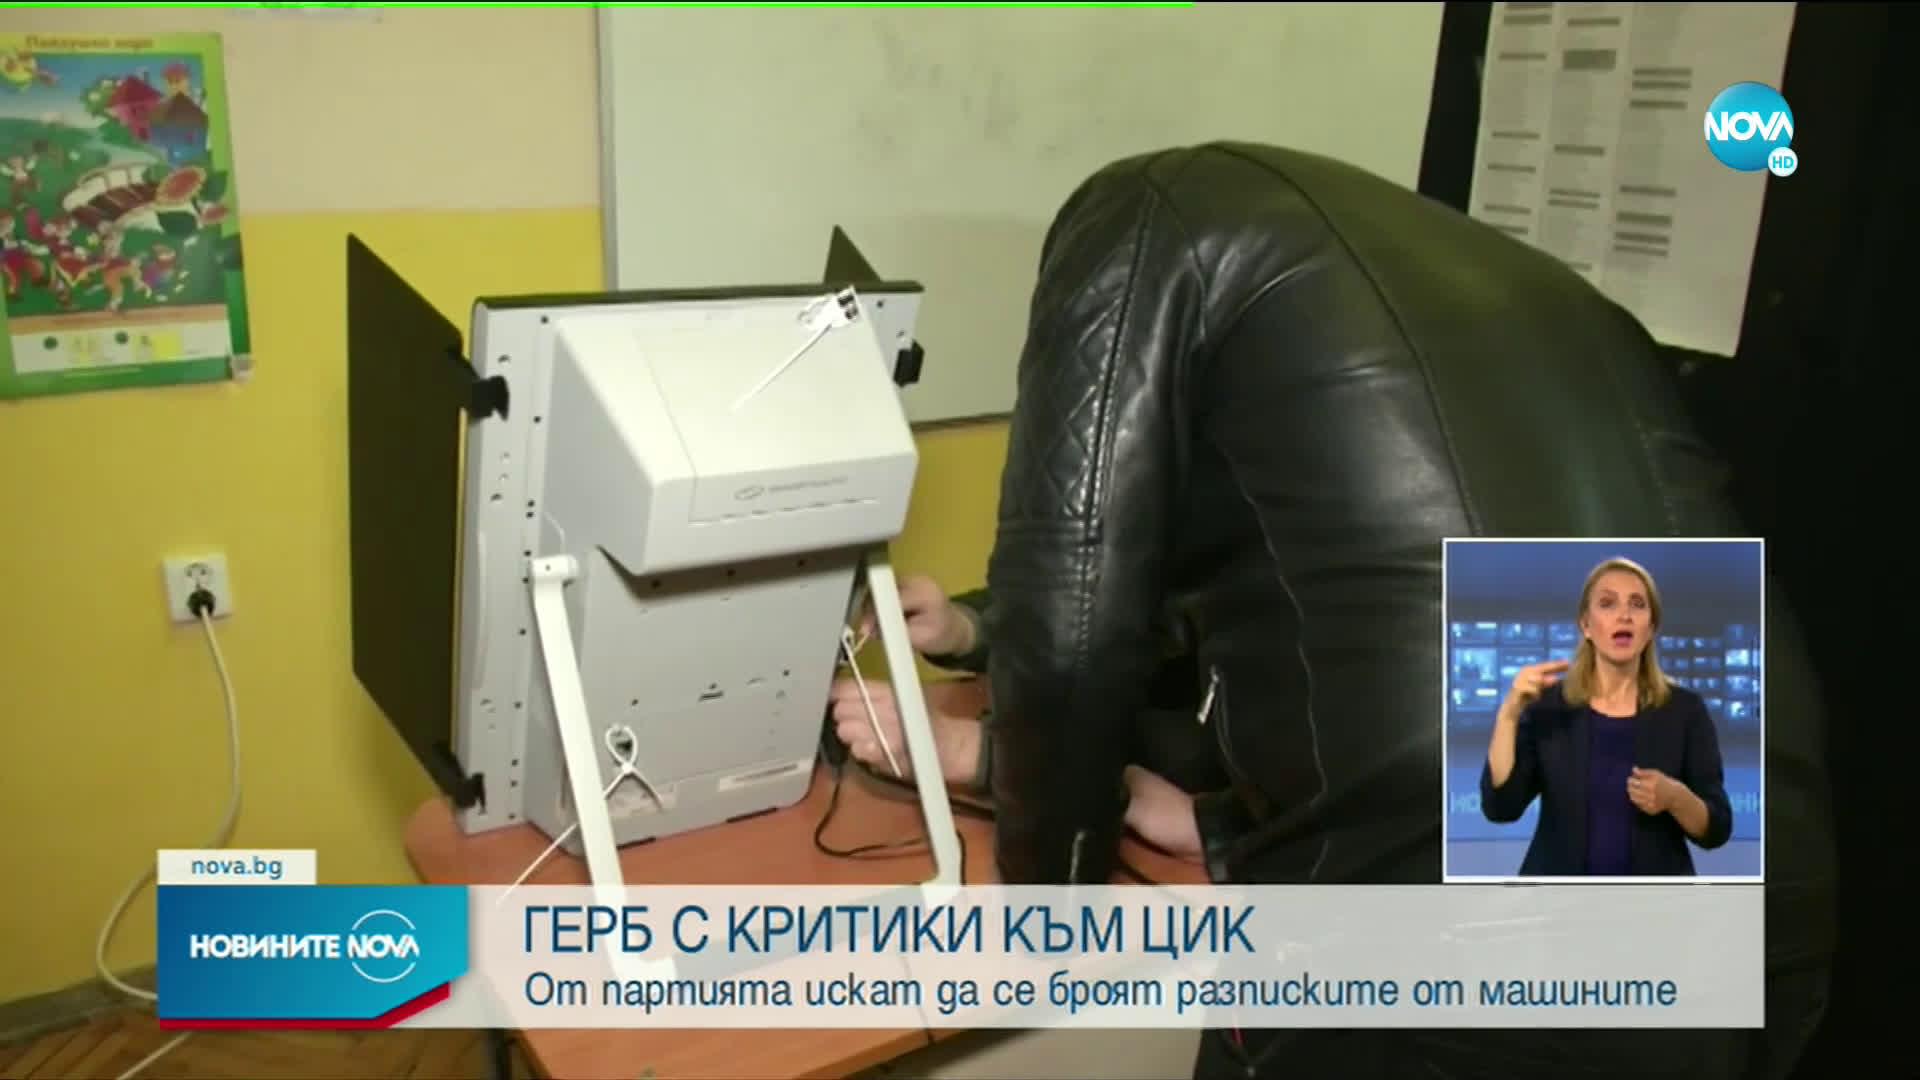 ГЕРБ иска ЦИК да брои разписките от машините за гласуване след вота